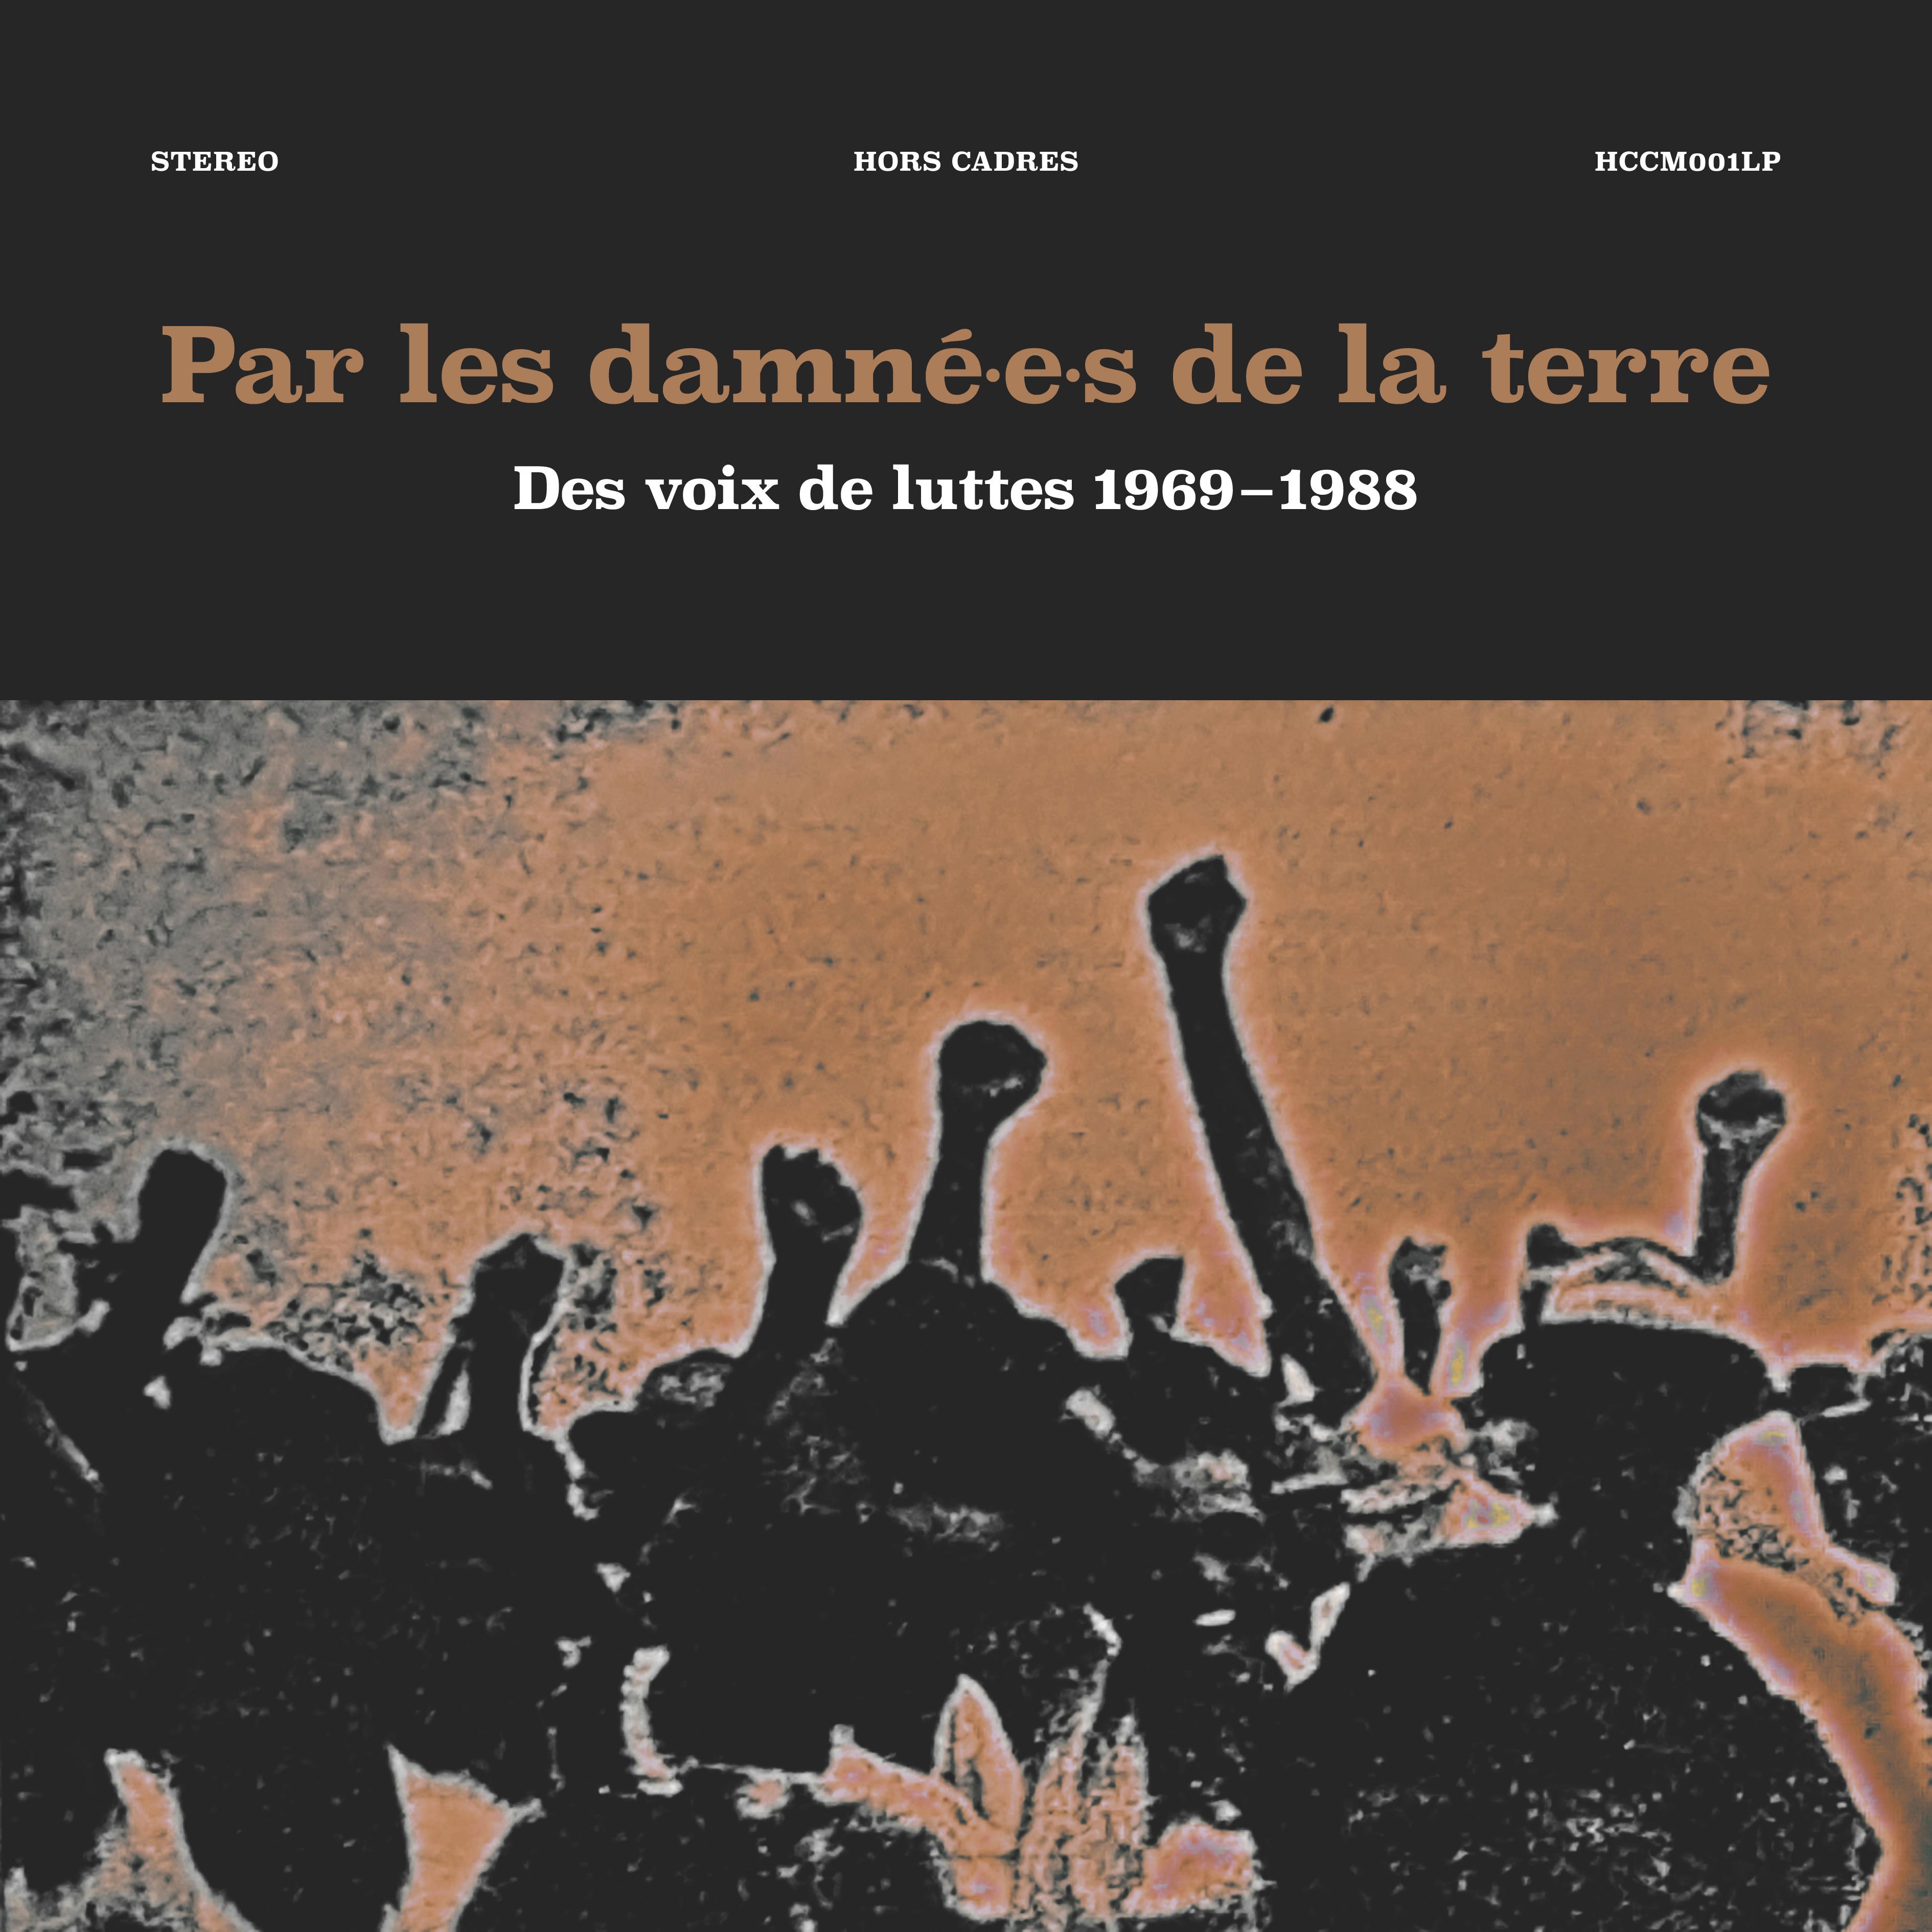 """Emission """"Frontline"""" du 26 octobre 2018 autour du projet """"Par les damné.e.s de la terre - Des voix de luttes 1969-1988"""""""